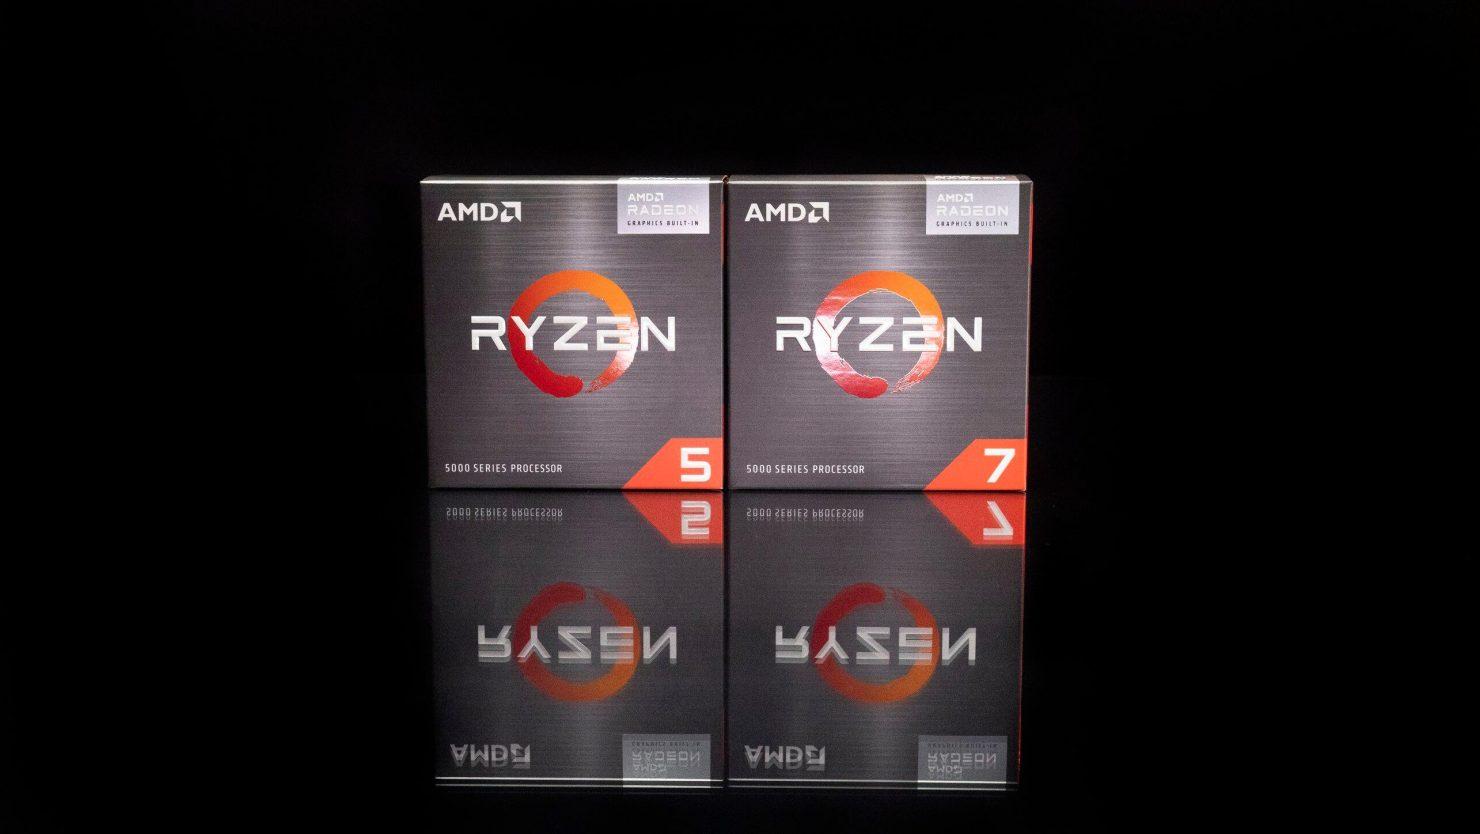 amd-ryzen-7-5700g-&-ryzen-5-5600g-diy-desktop-apus-show-up-on-retail-sites,-premium-attached-to-preliminary-prices